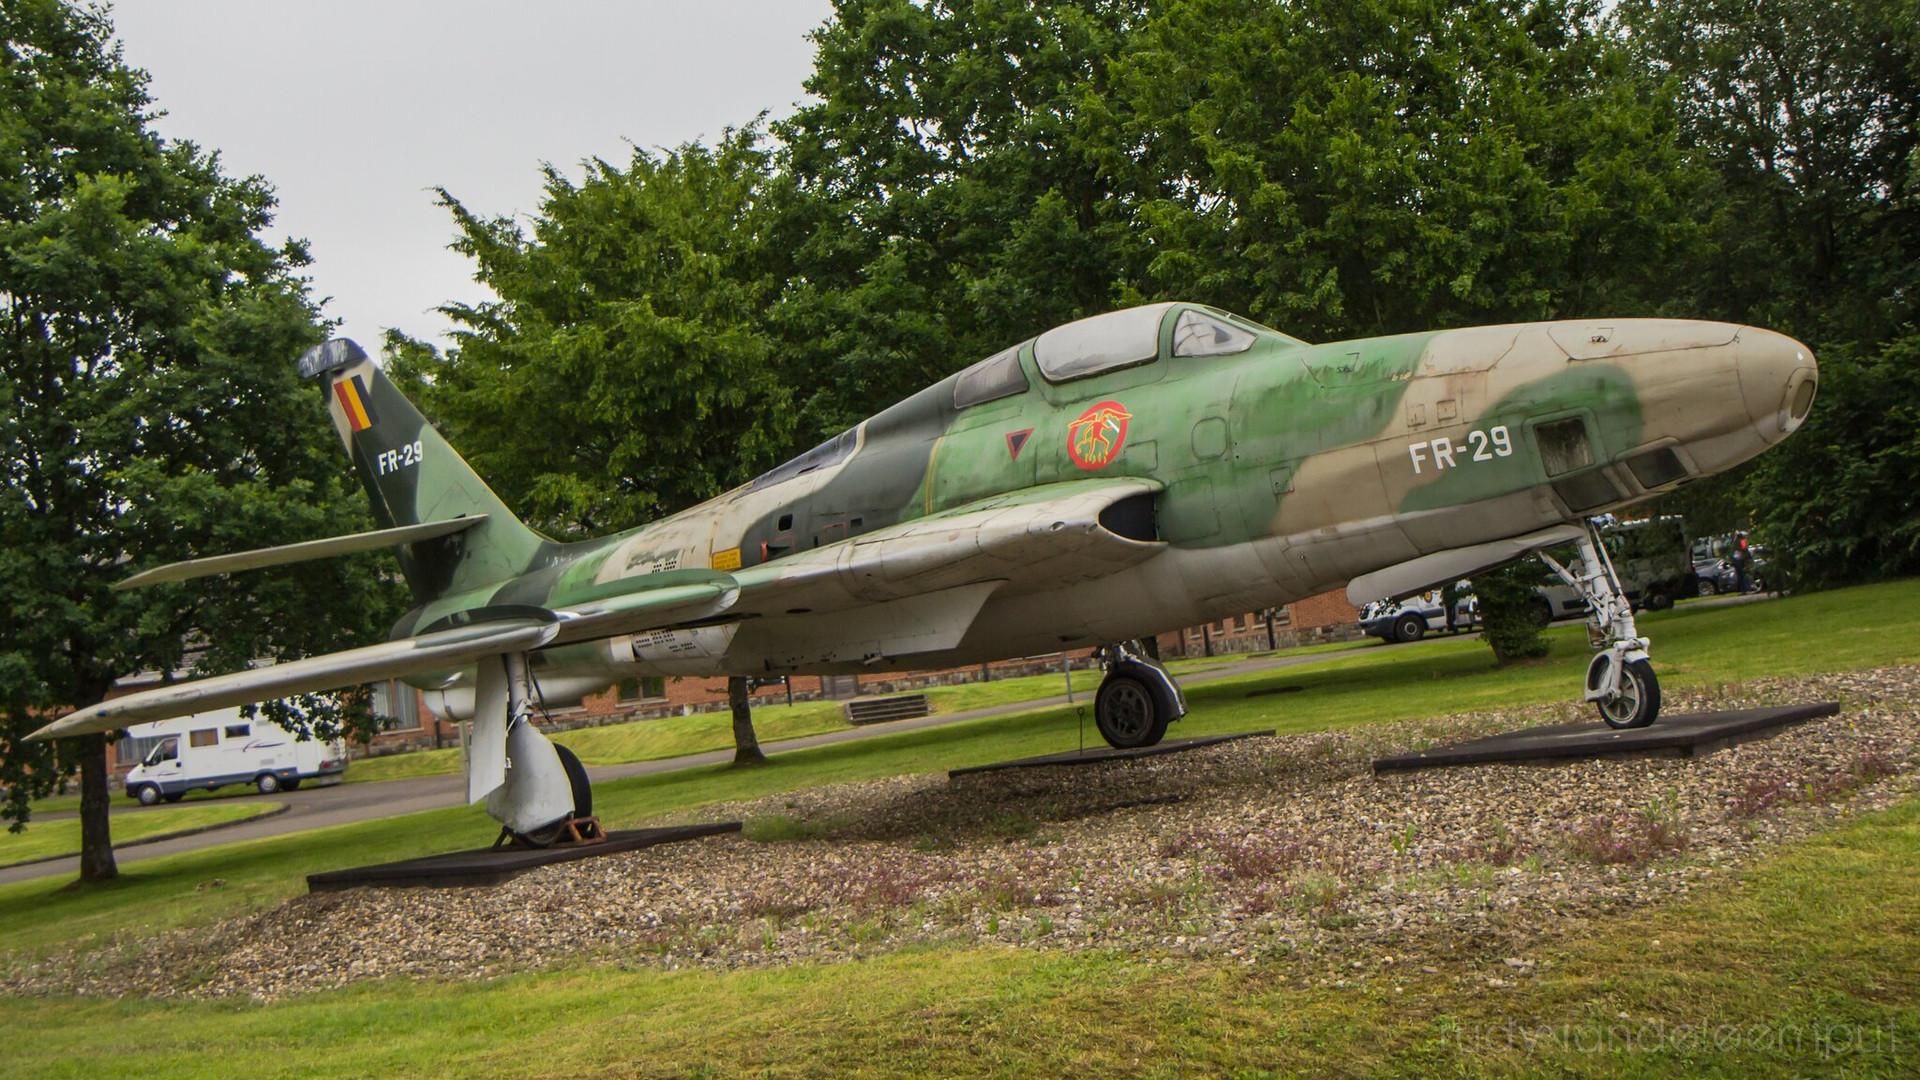 FR-29 | Build: .... - Republic RF-84F Thunderflash